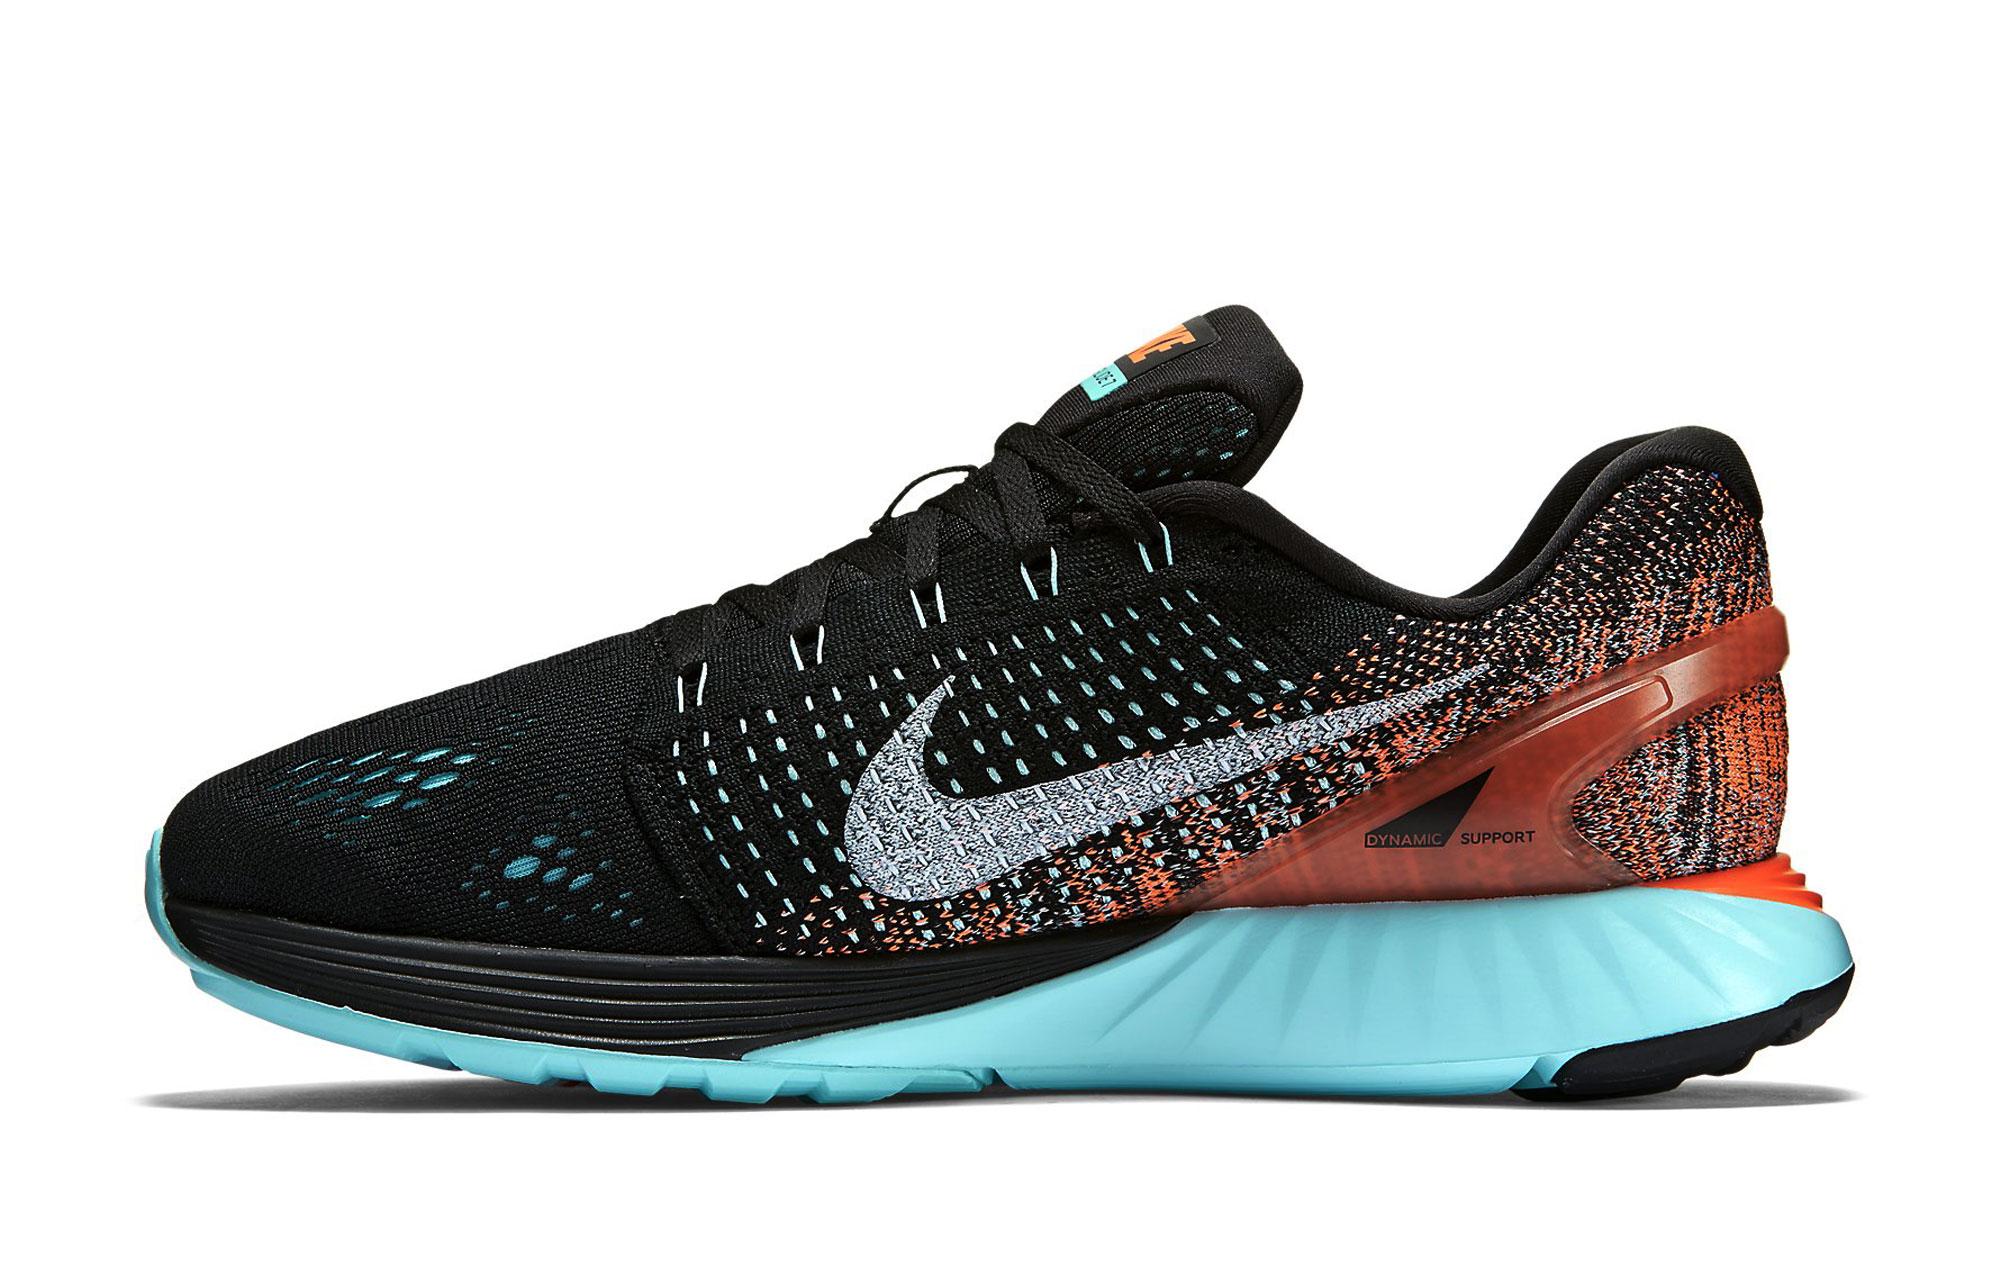 finest selection 19870 7e4ff ... australia chaussures de running femme nike lunarglide 7 noir 27b97 713ee